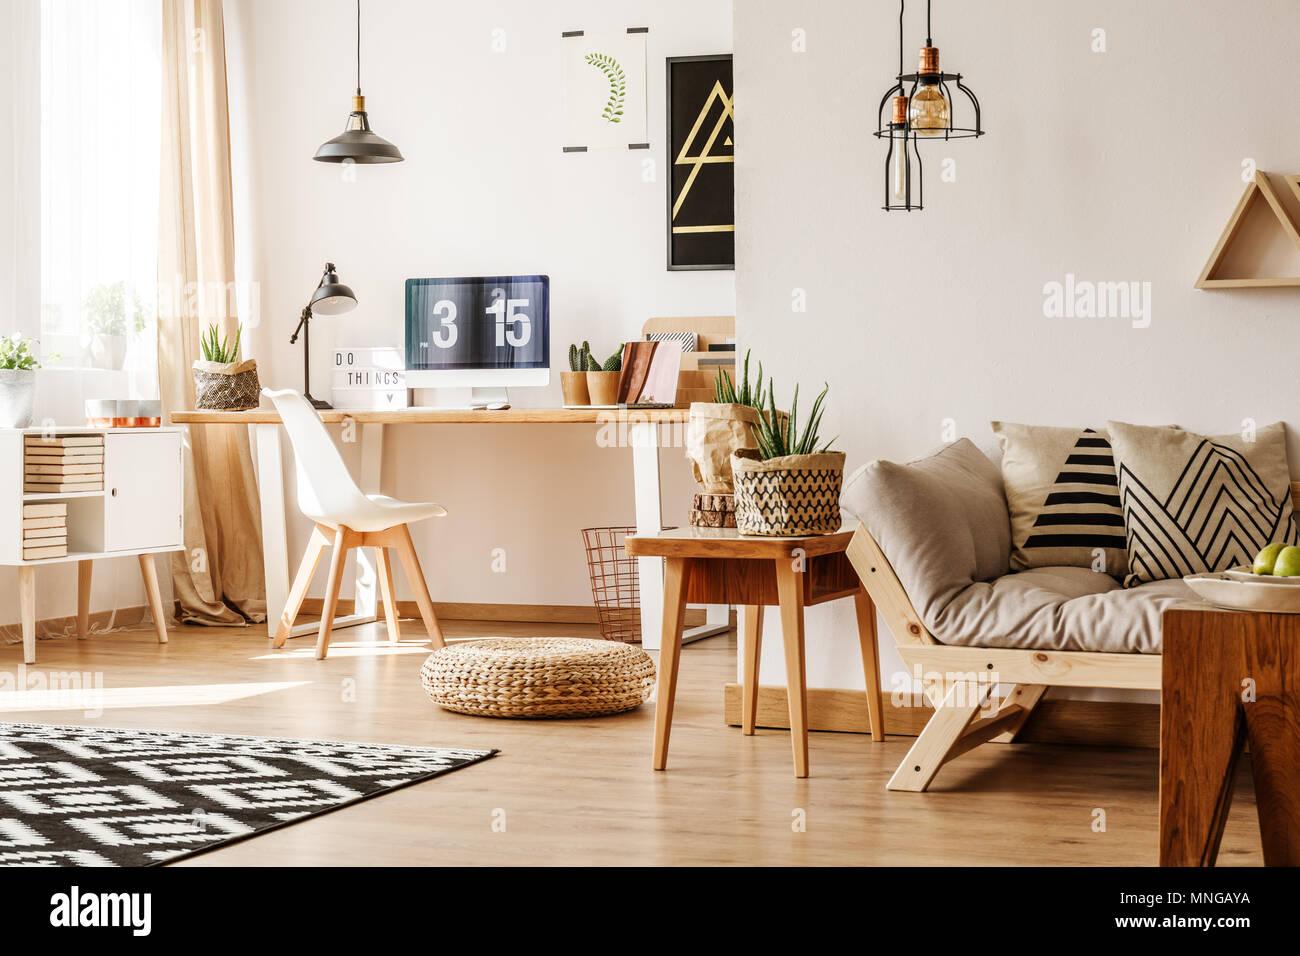 loft moderne intrieur plein de meubles en bois naturel et accessoires avec bureau ordinateur poitrine blanc beige canap table et pots de papier pour